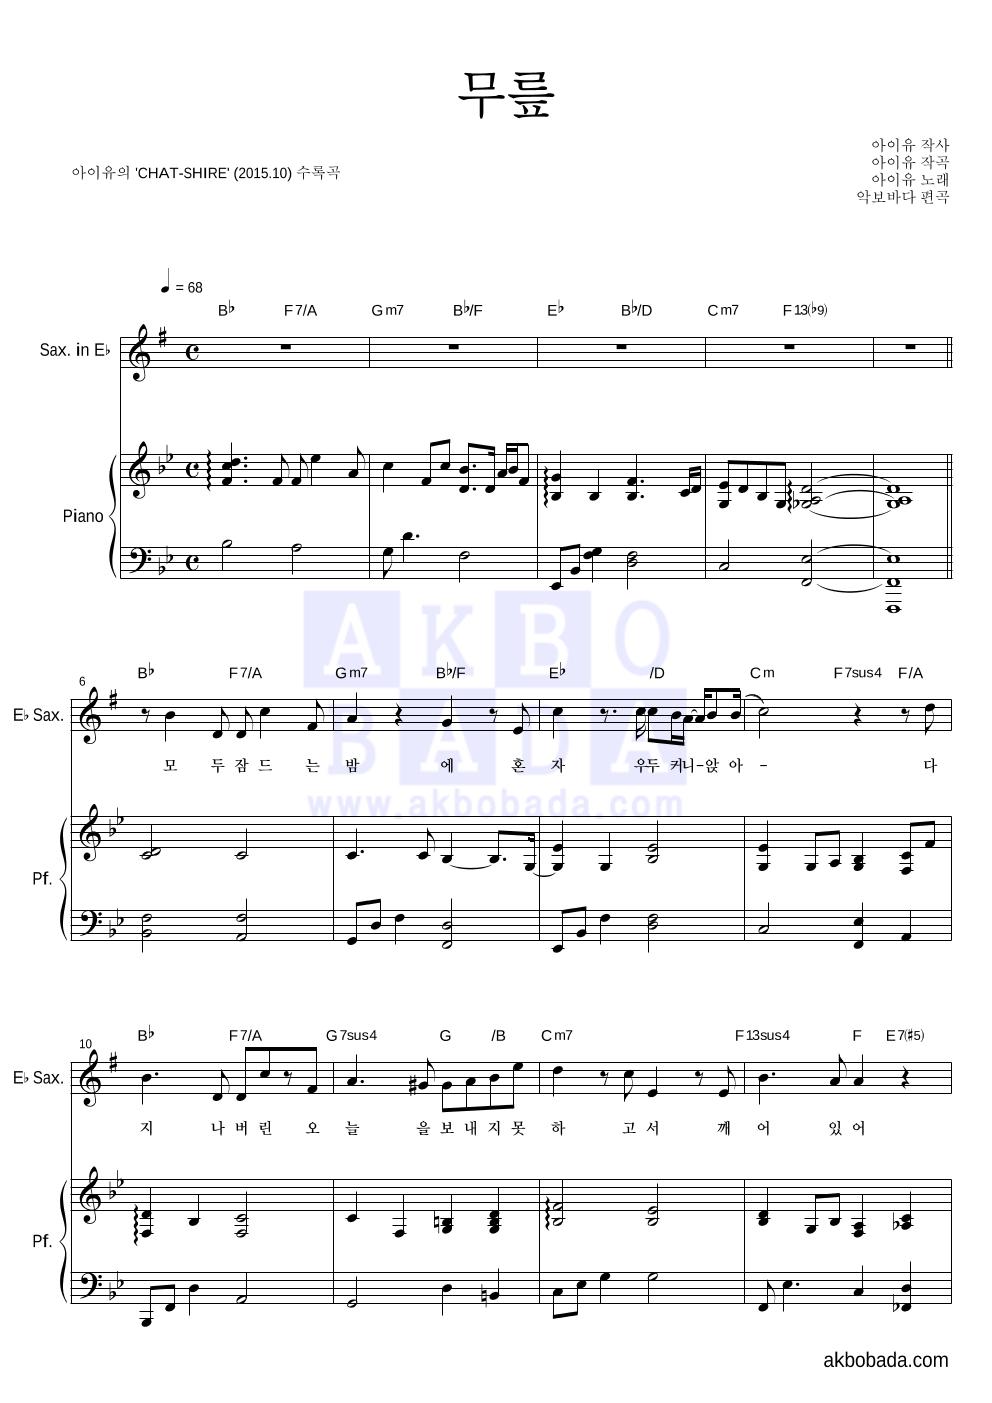 아이유 - 무릎 Eb색소폰&피아노 악보